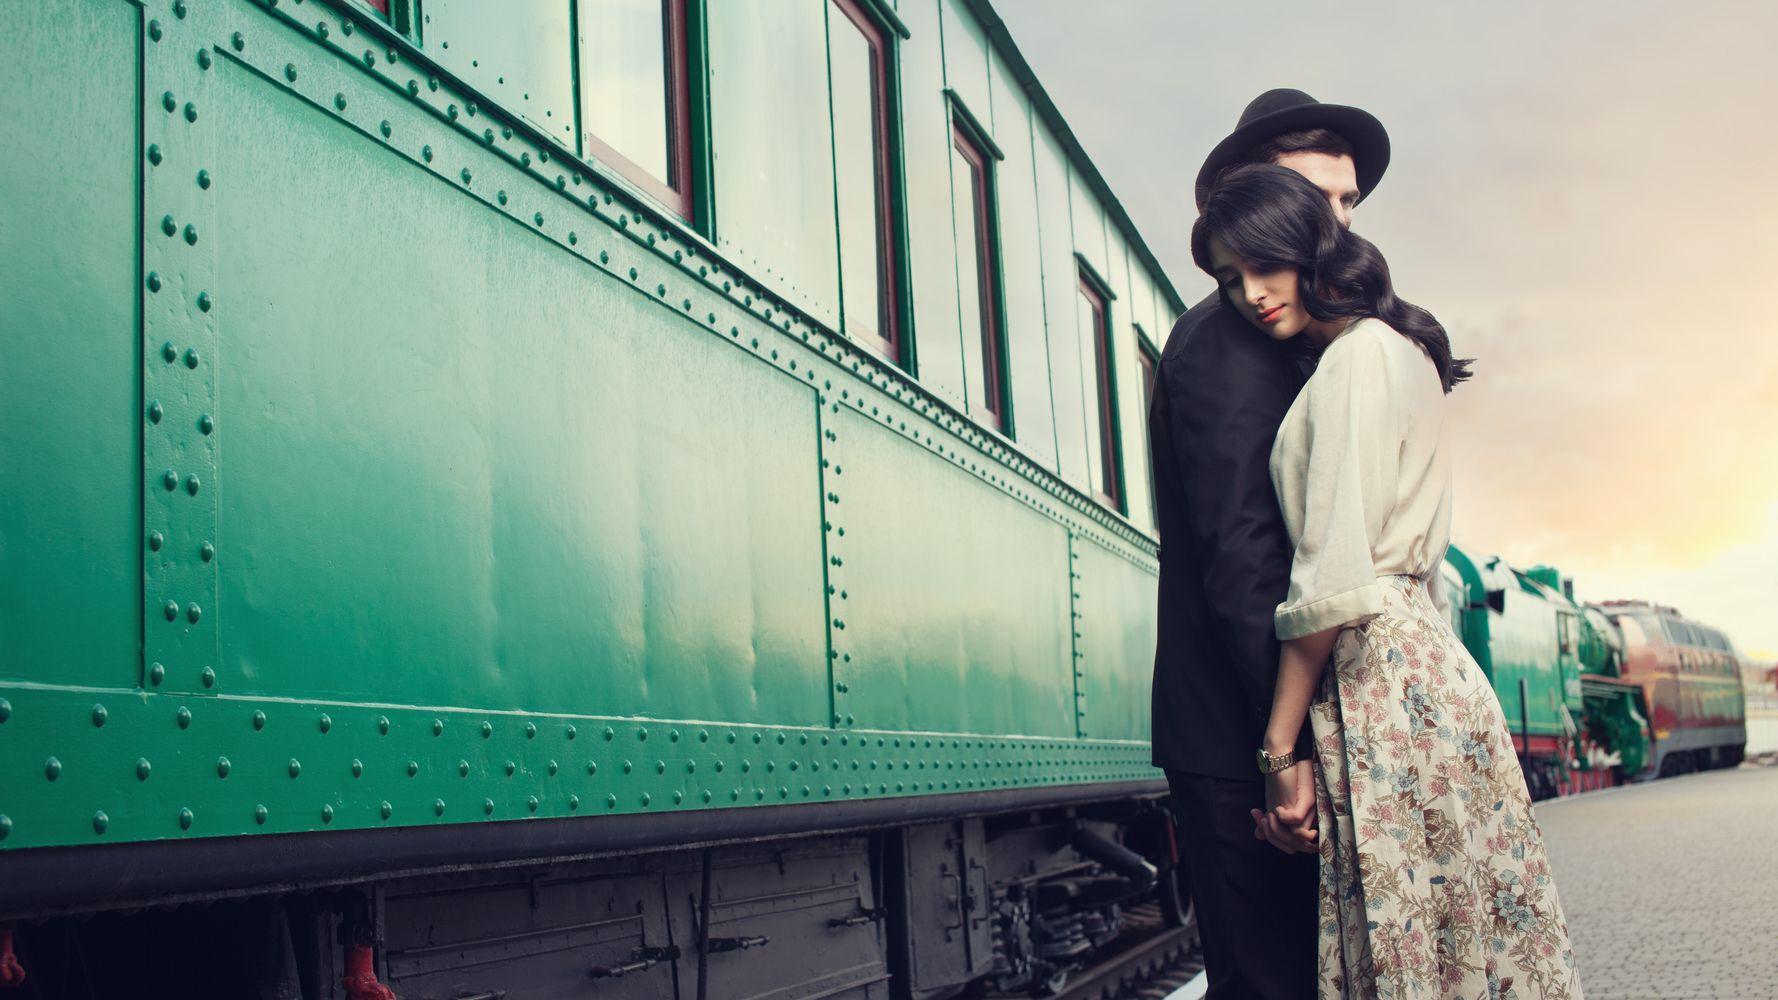 Влюбленная пара у поезда